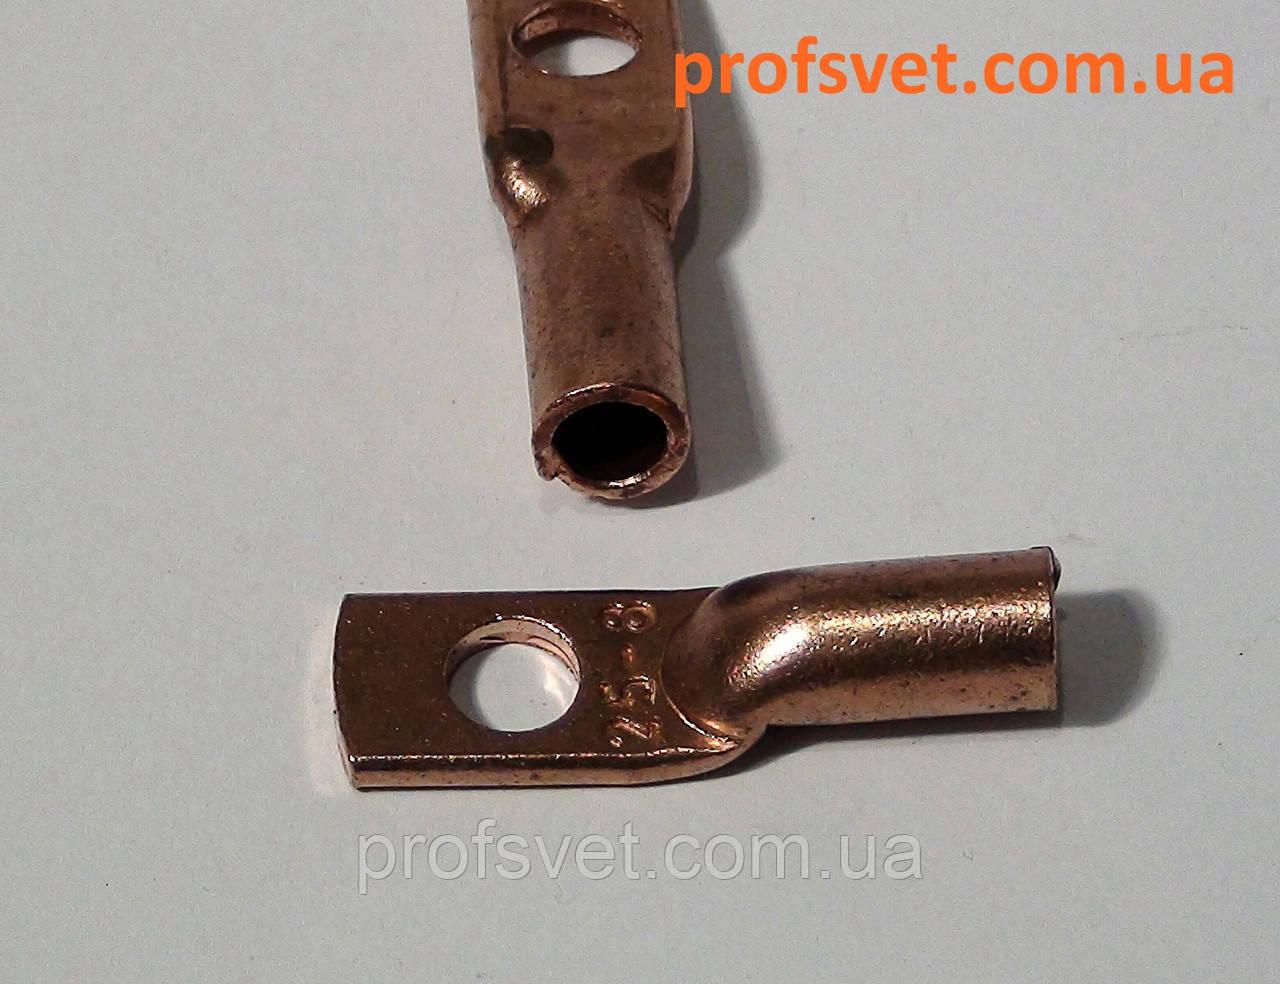 Кабельный наконечник медный 25 мм М8 ГОСТ-М